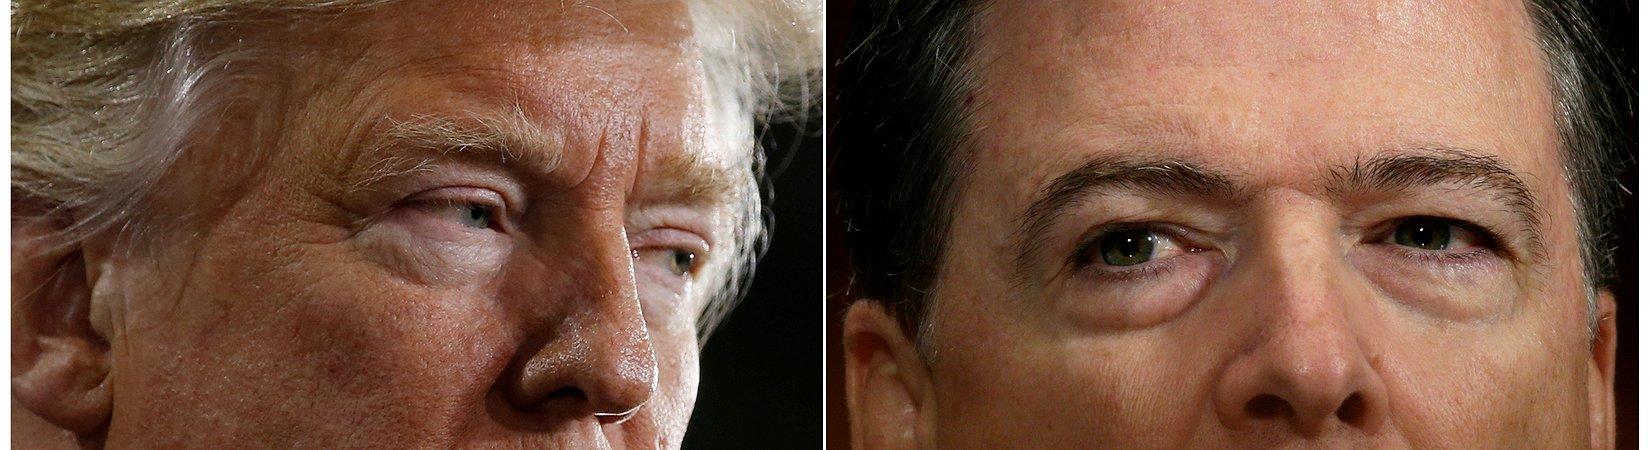 """Comey: """"Trump non mi chiese di fermare le indagini sul Russiagate, ma di lasciar correre su Flynn"""""""